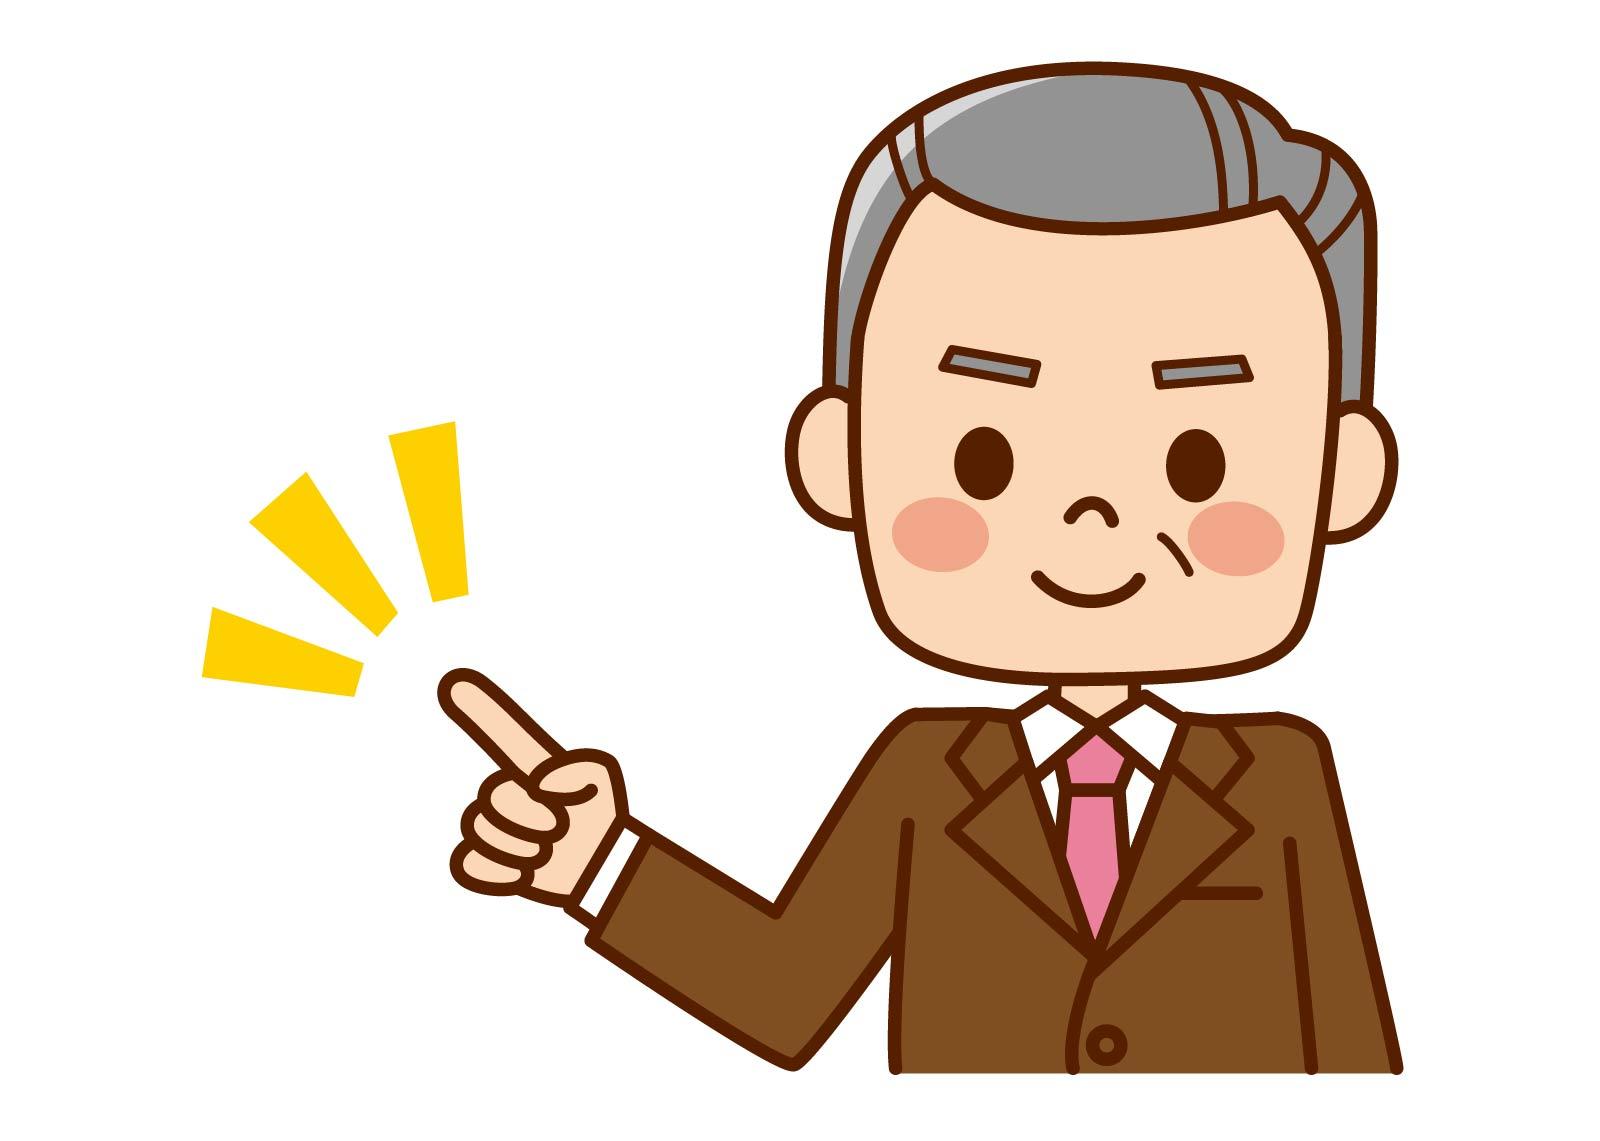 ぷーさん式トレンドフォロー手法は初心者がまず最初に使うべき!